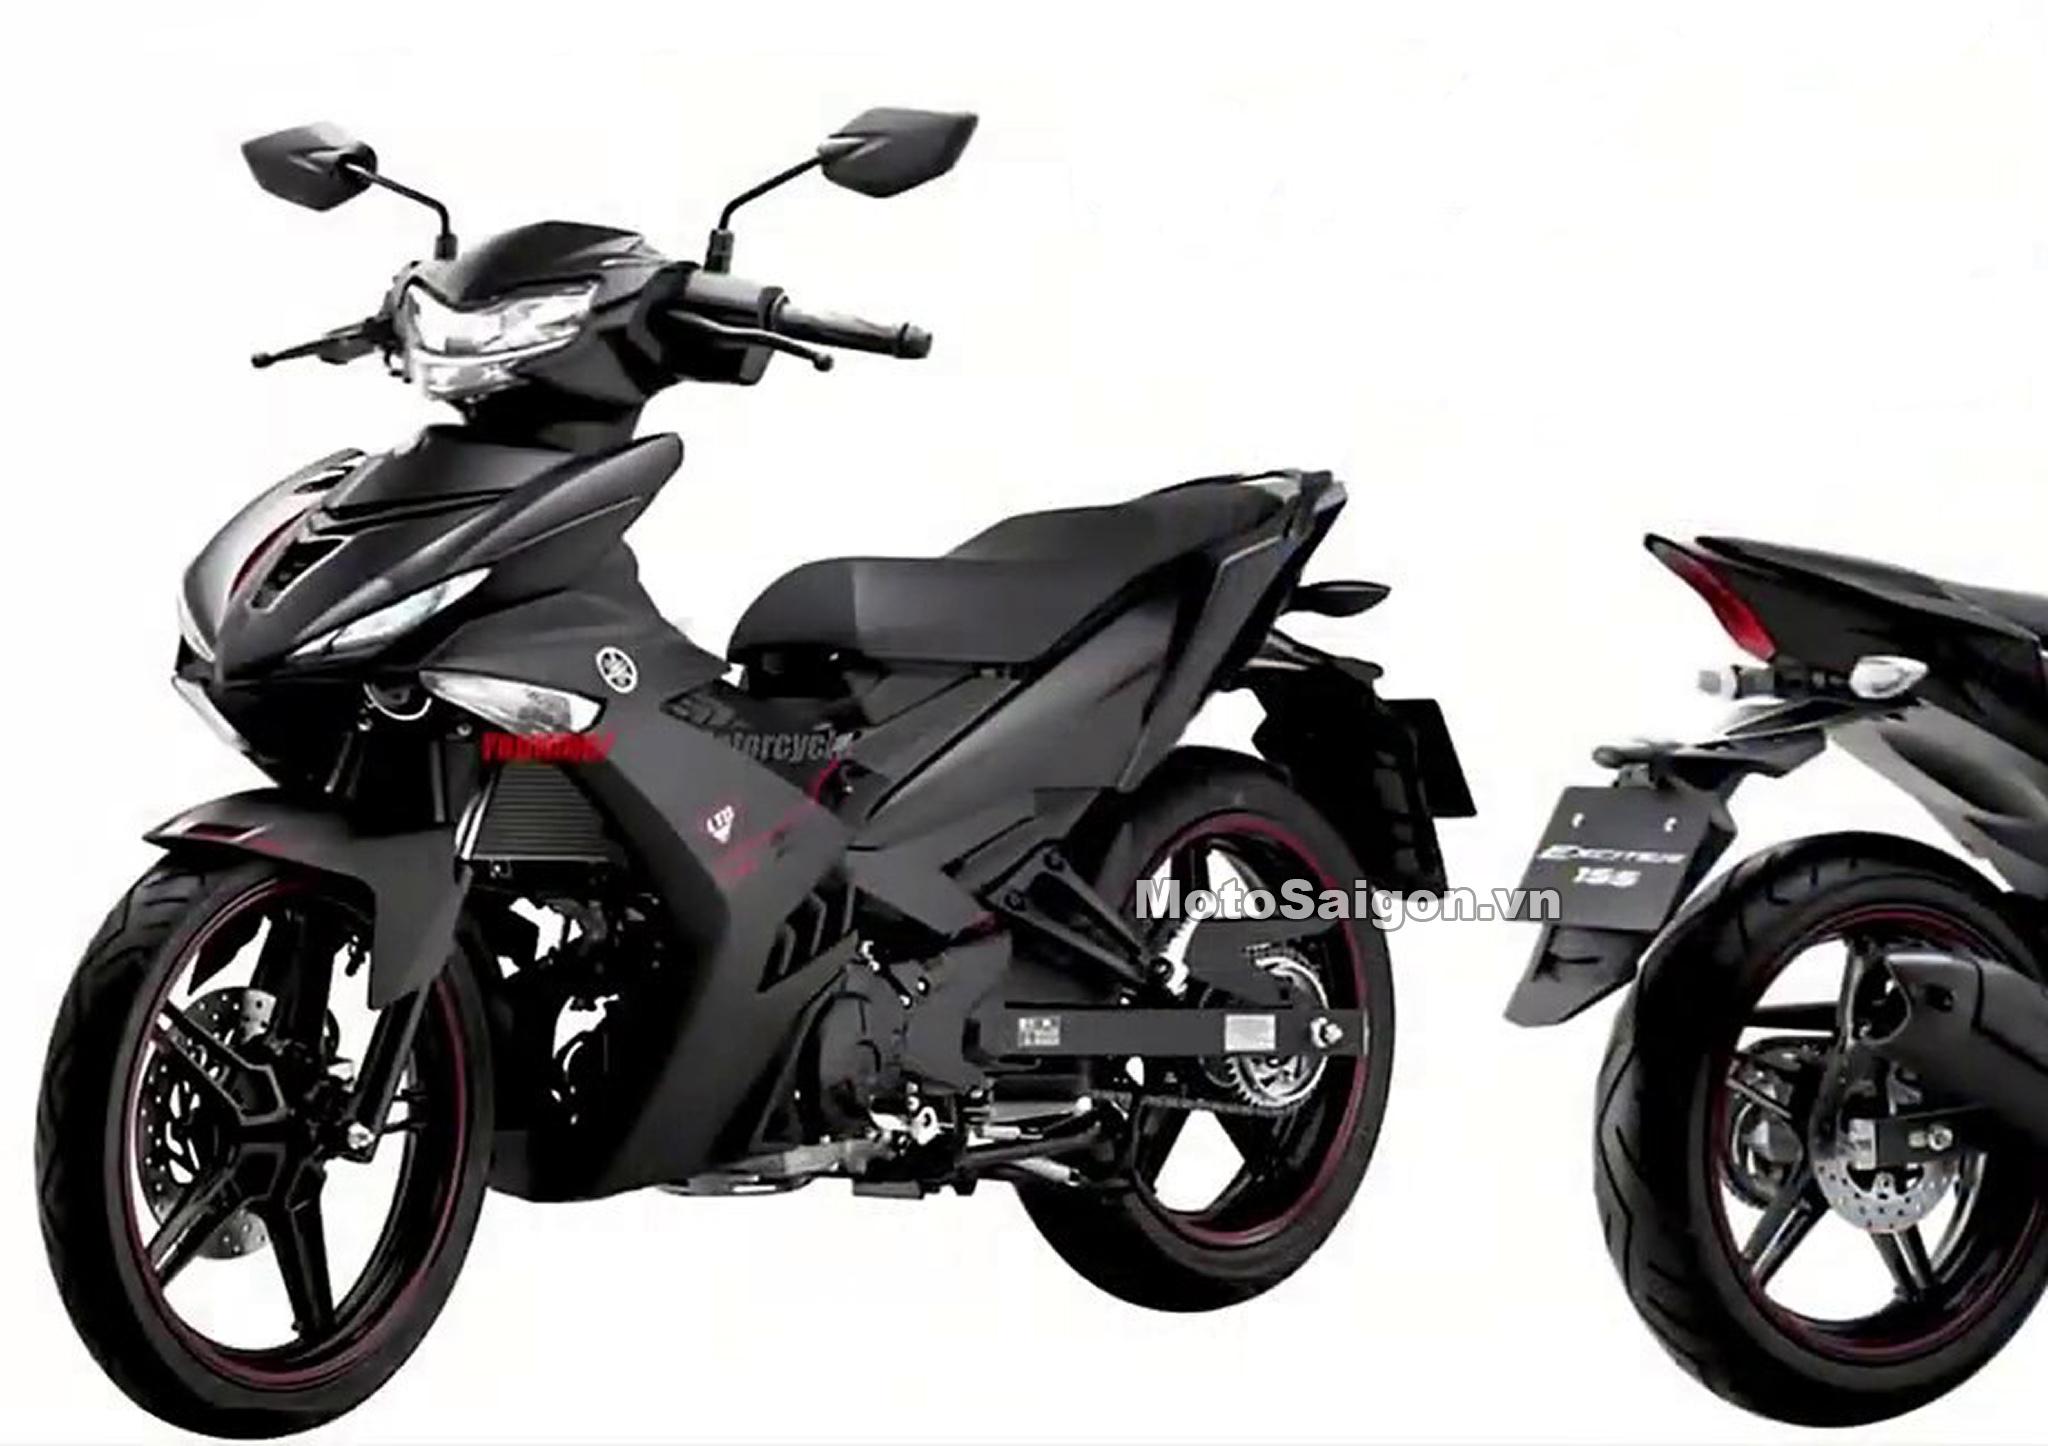 Thông tin Yamaha Exciter 155 VVA sắp có giá bán vào tháng 8?